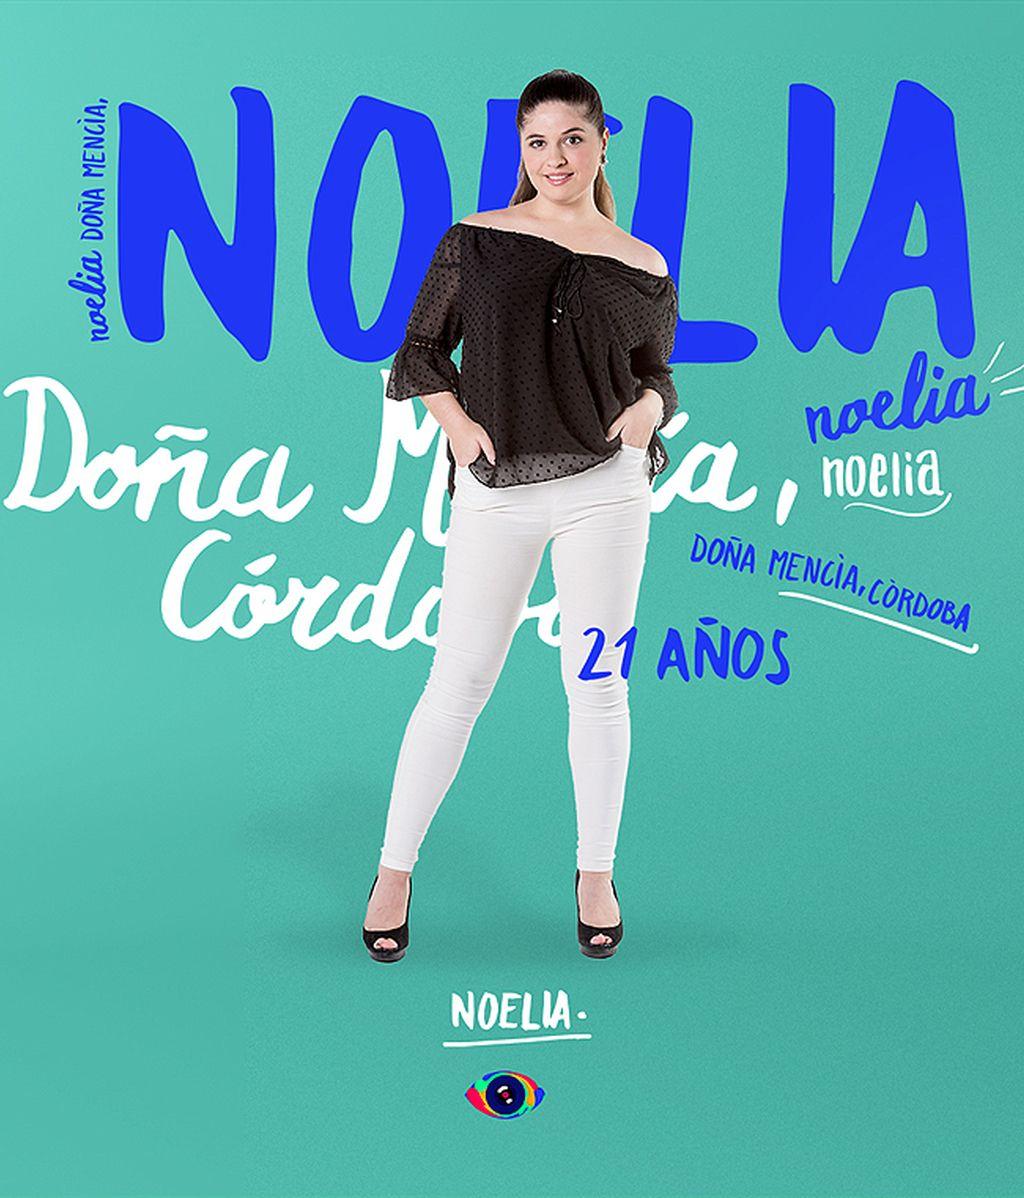 Noelia, 21 años (Córdoba)